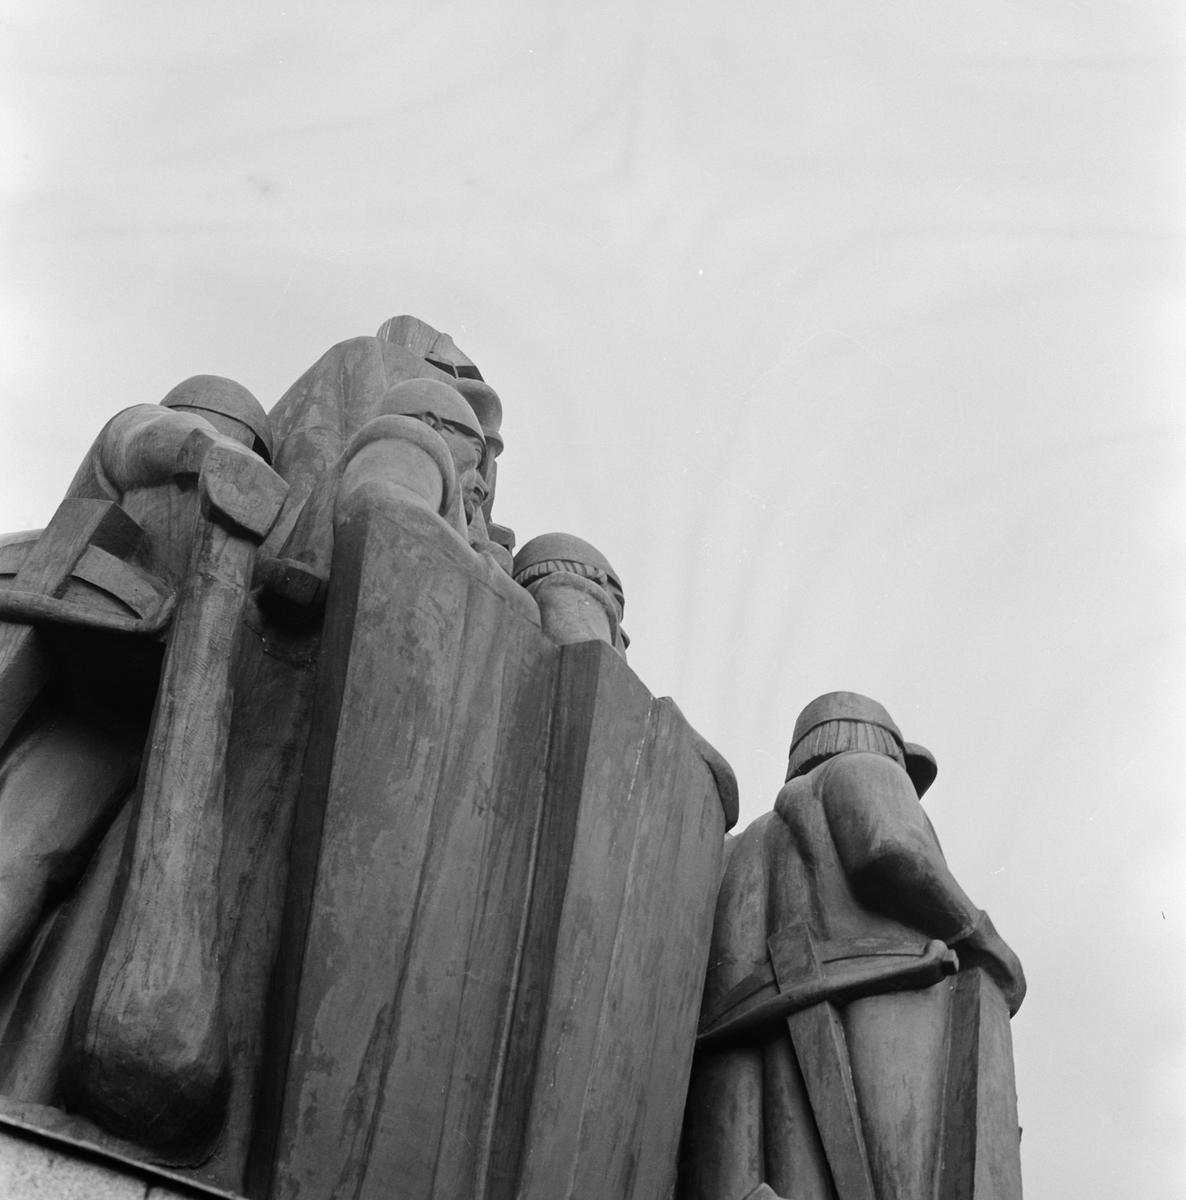 Sten Sturemonumentet på Kronåsen, Uppsala